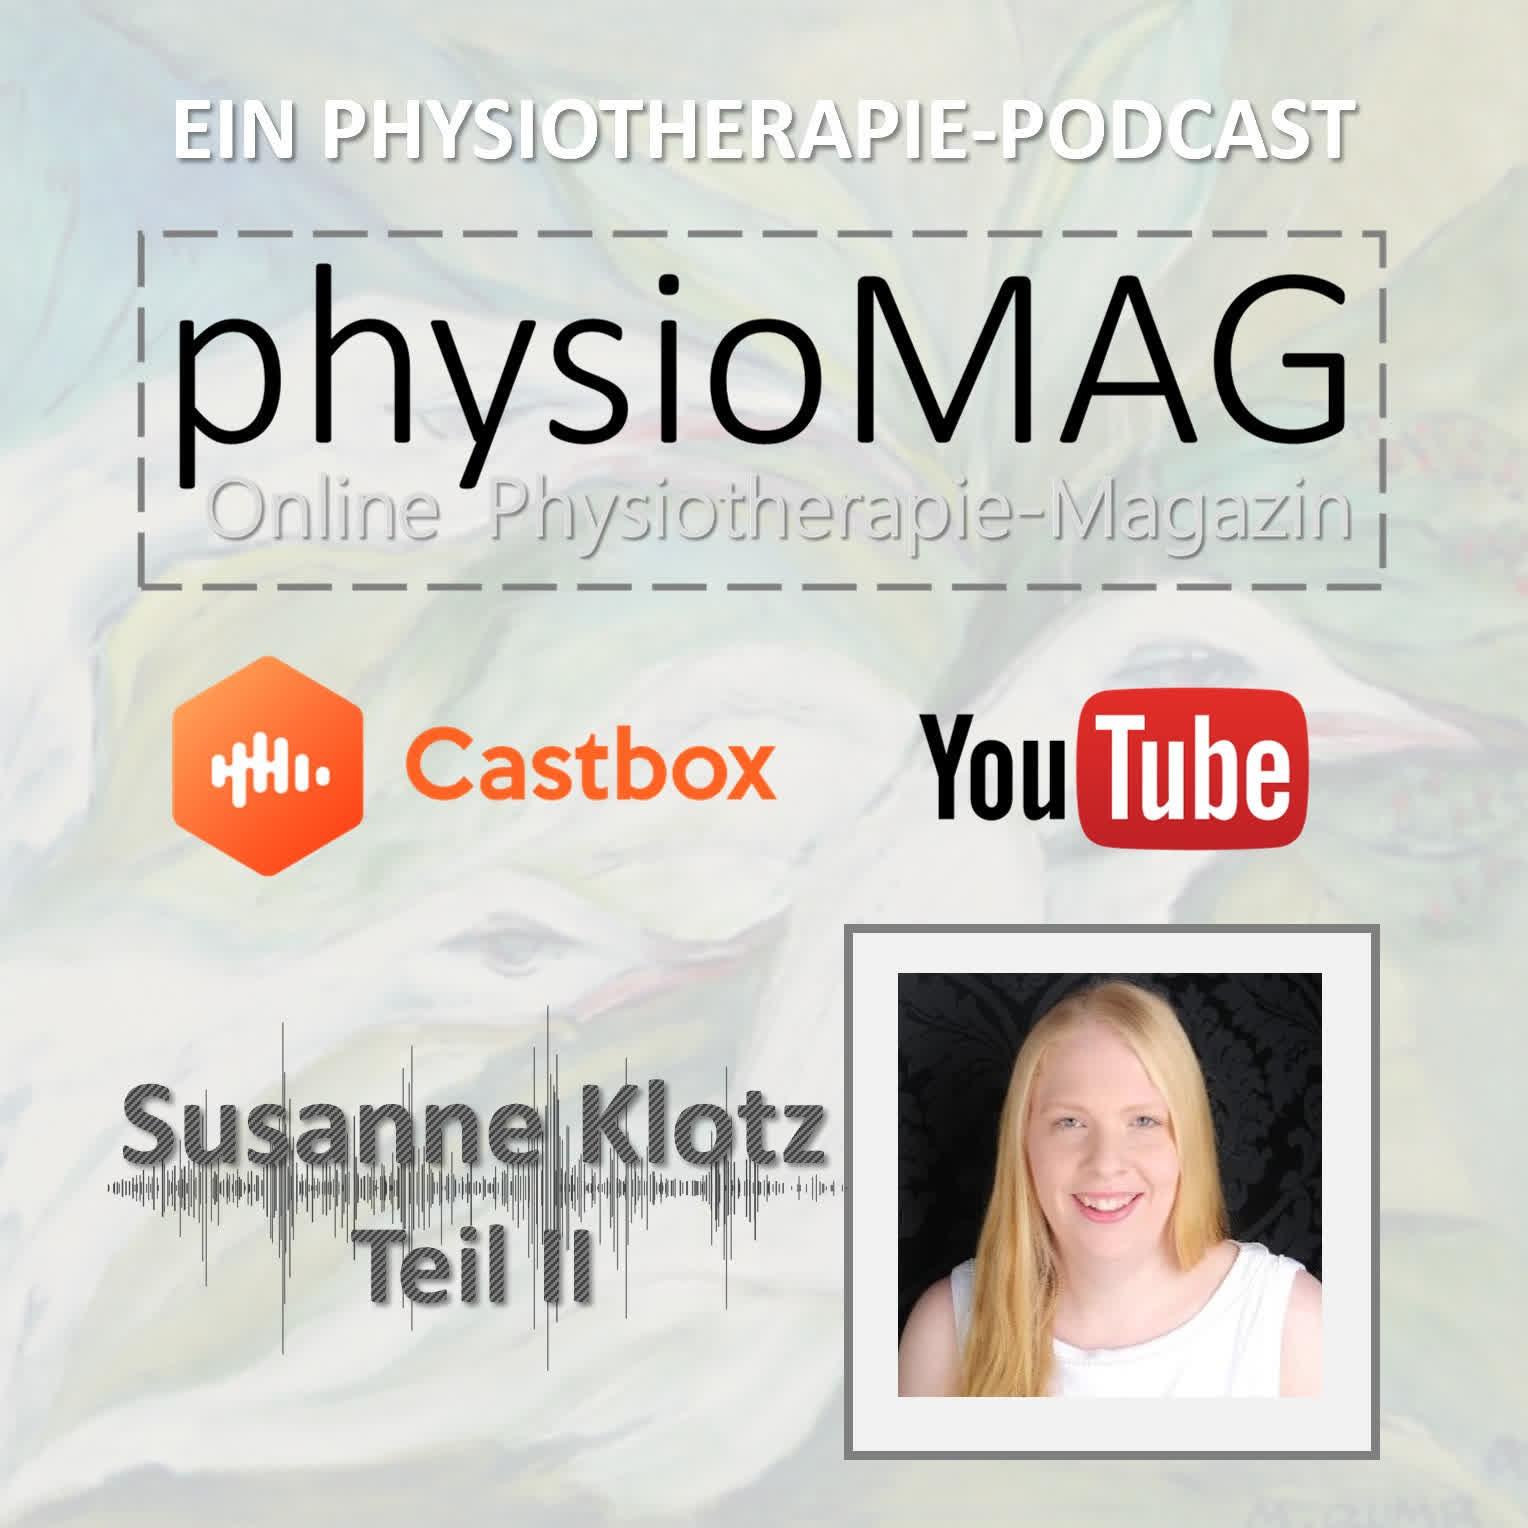 physioMAG Podcast 003 - Susanne Klotz (Teil 2)